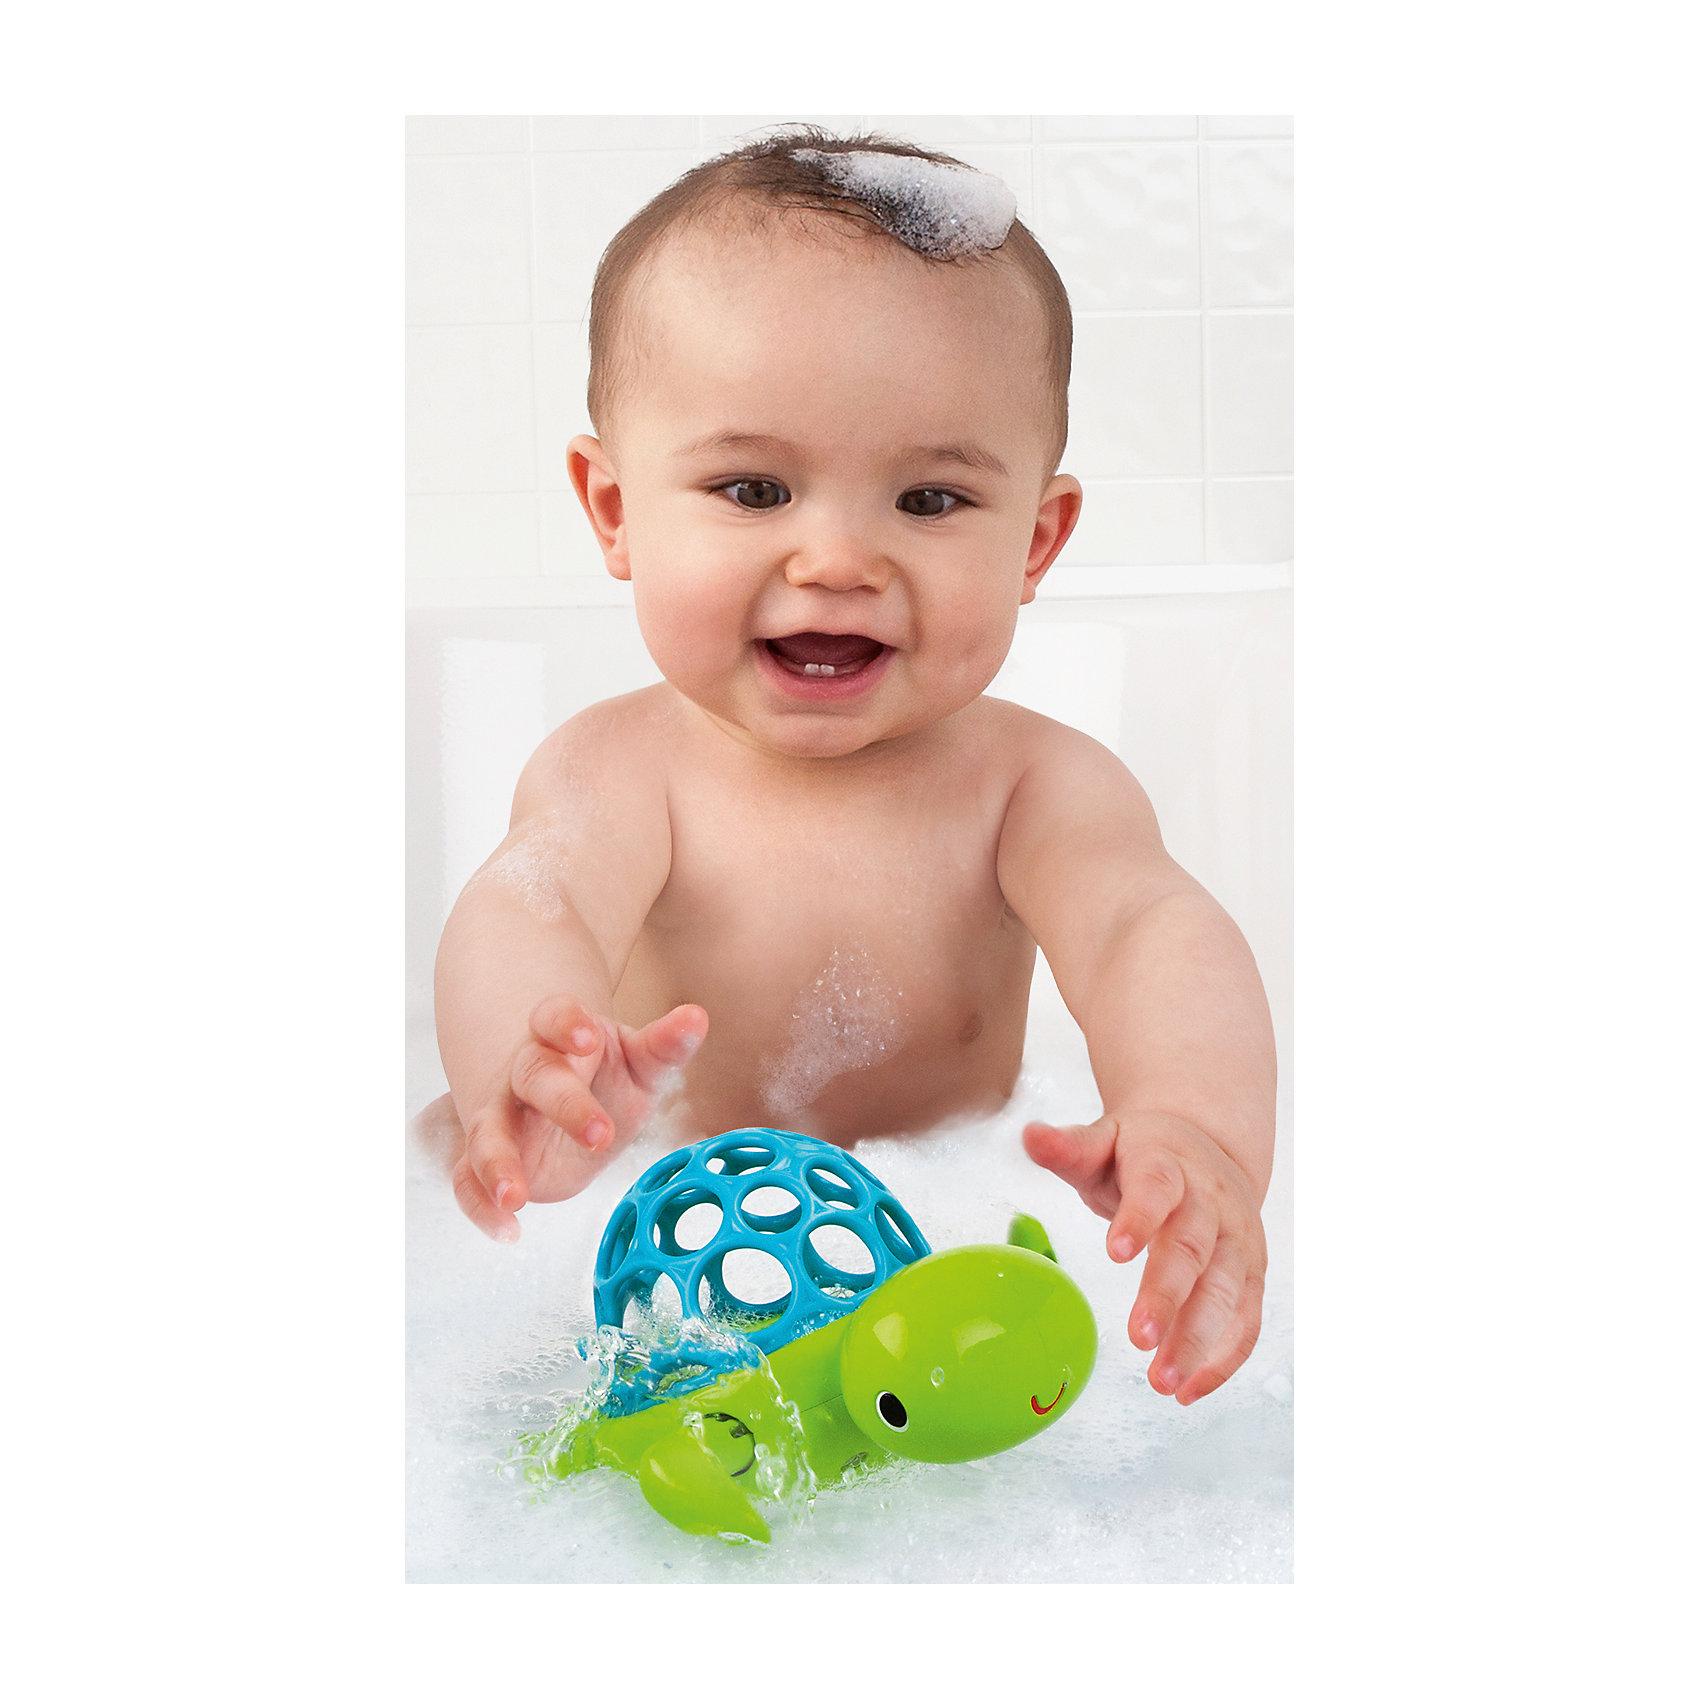 Kids II Игрушка для ванны «Черепашка», Oball игрушка для ванны черепашка 842t